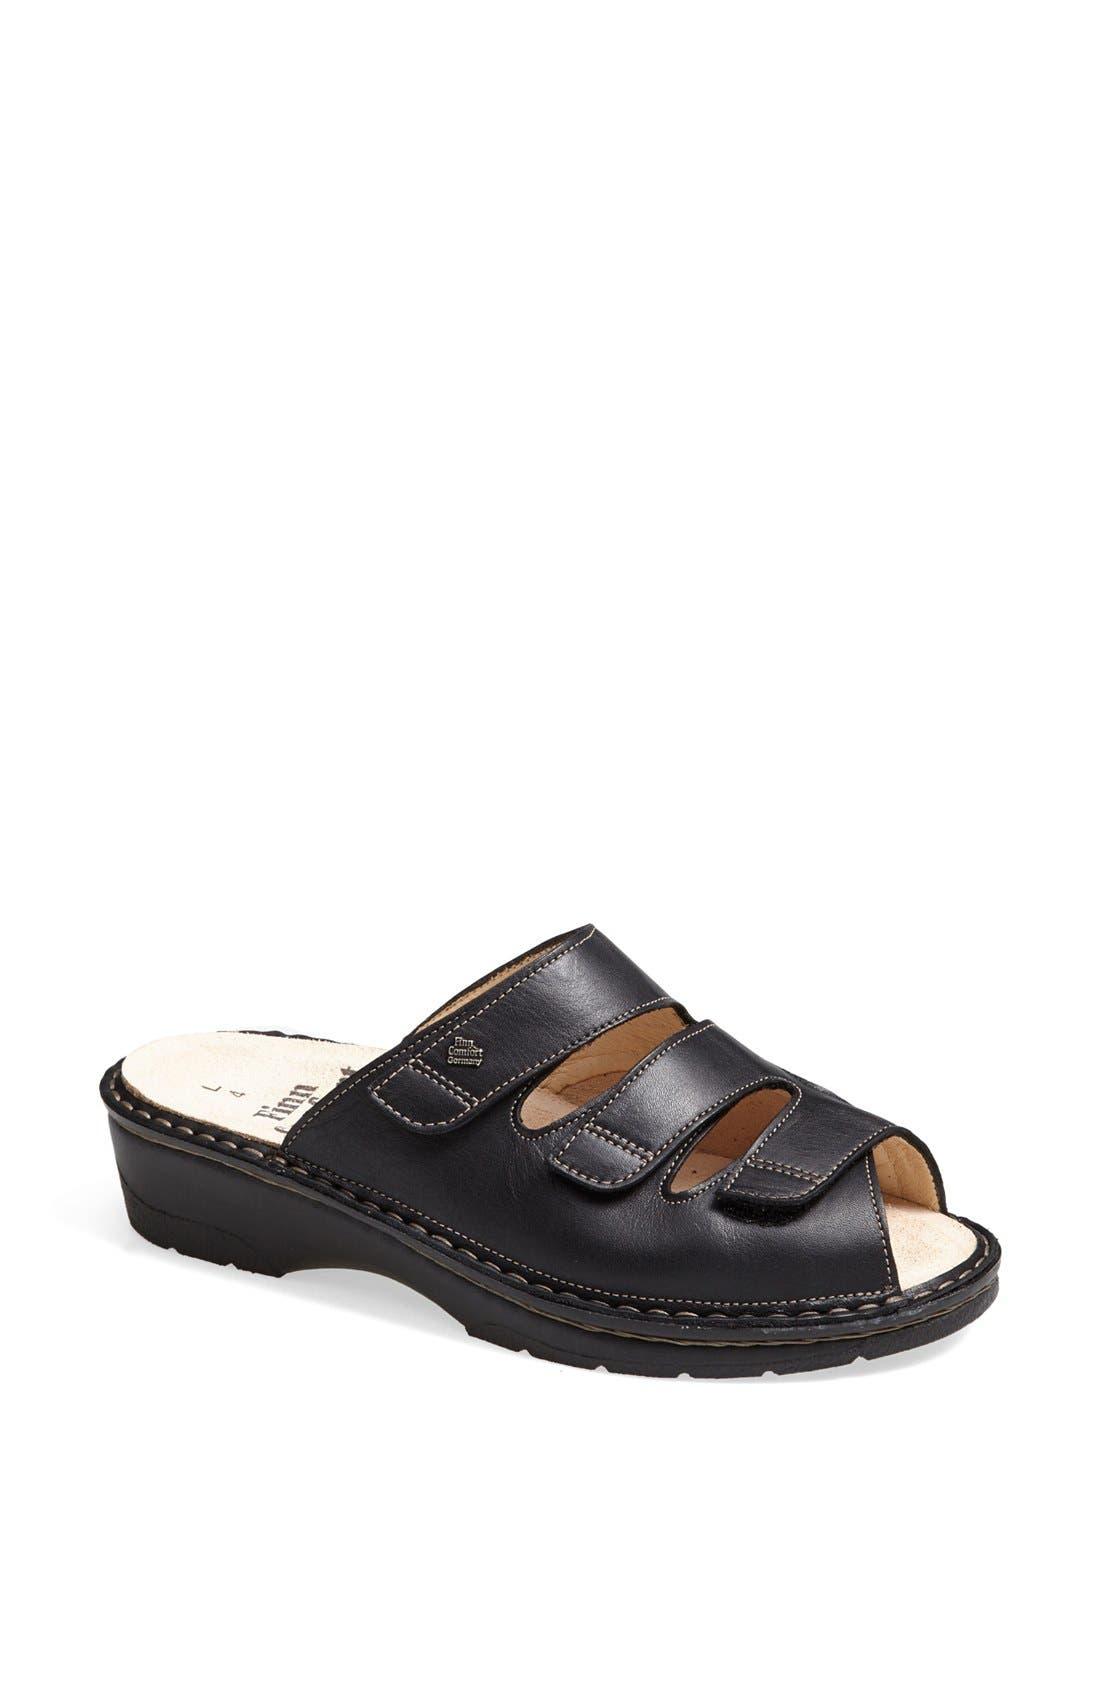 Finn Comfort 'Tilburg' Leather Sandal